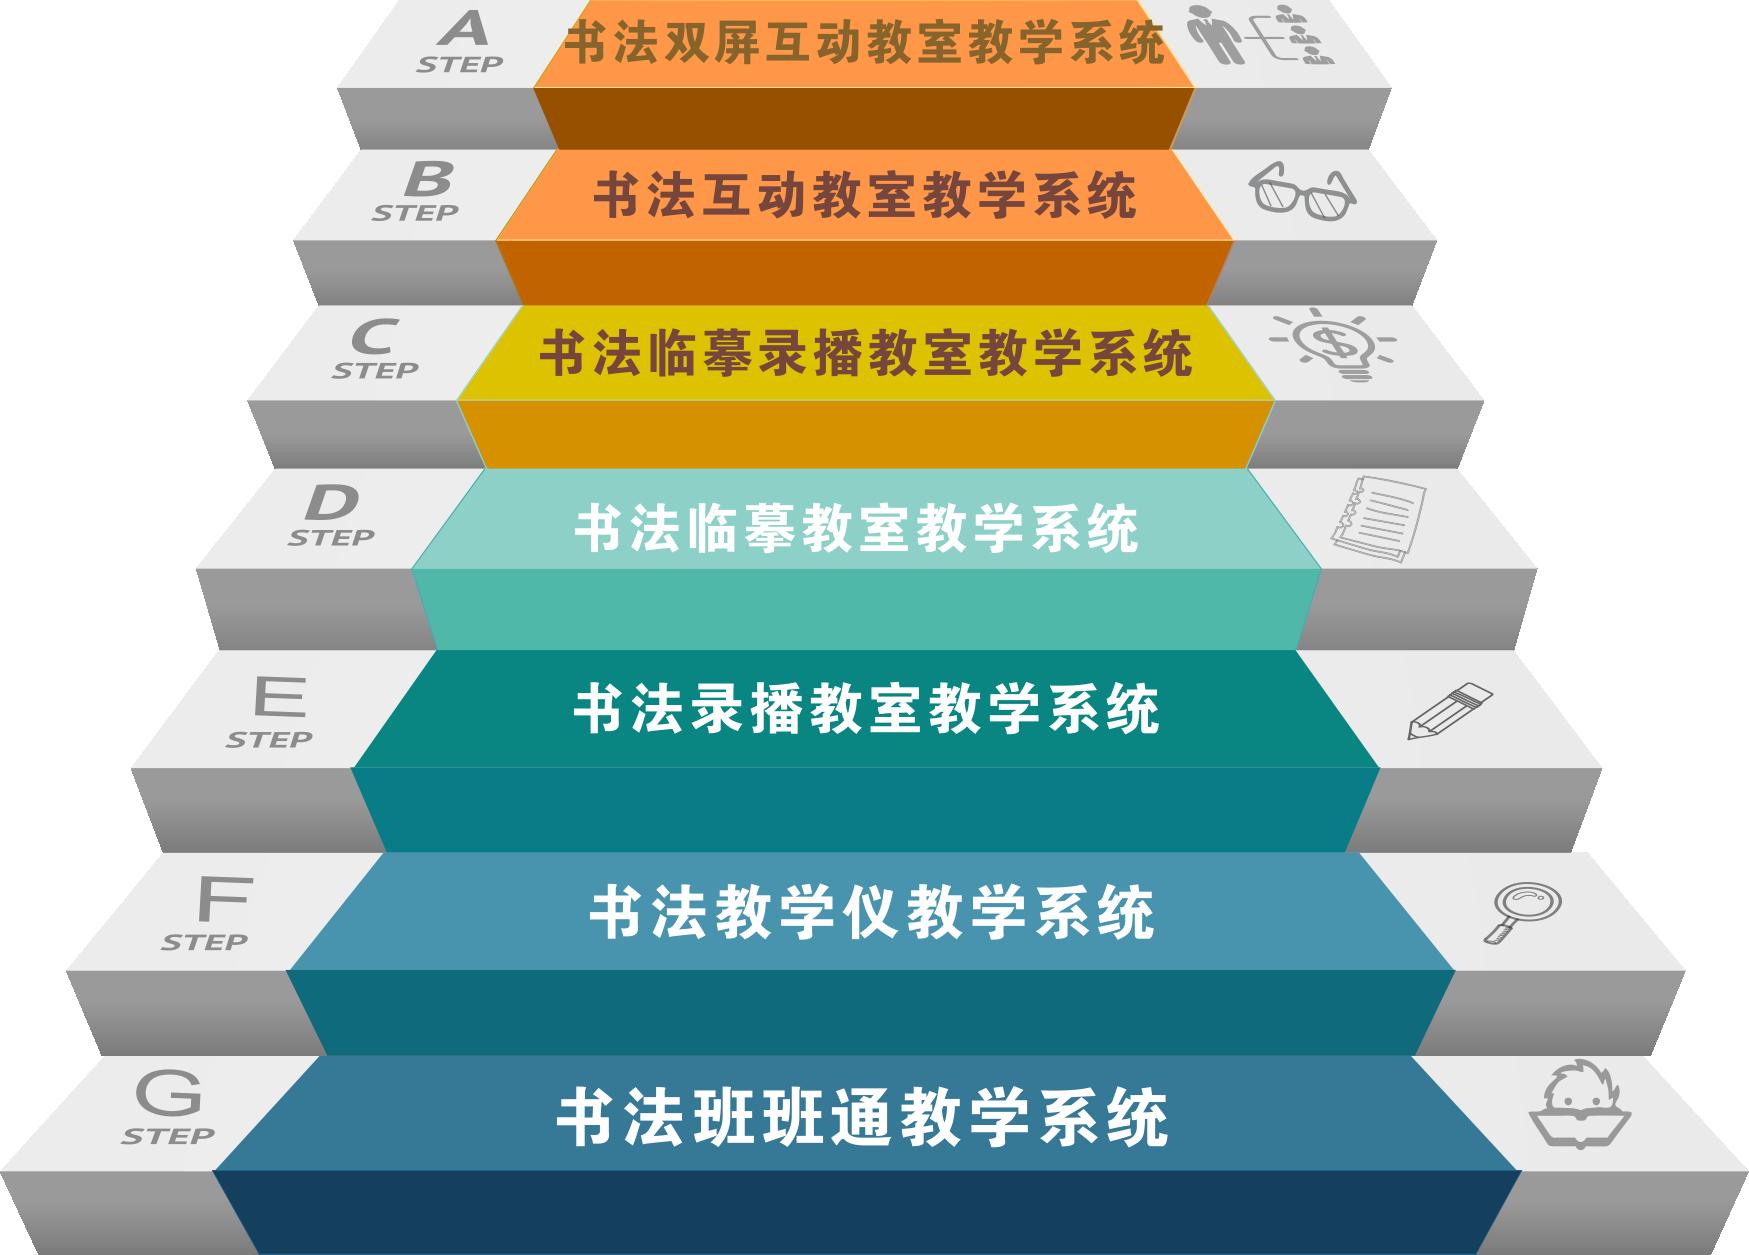 书法教学产品阶梯图-双屏互动